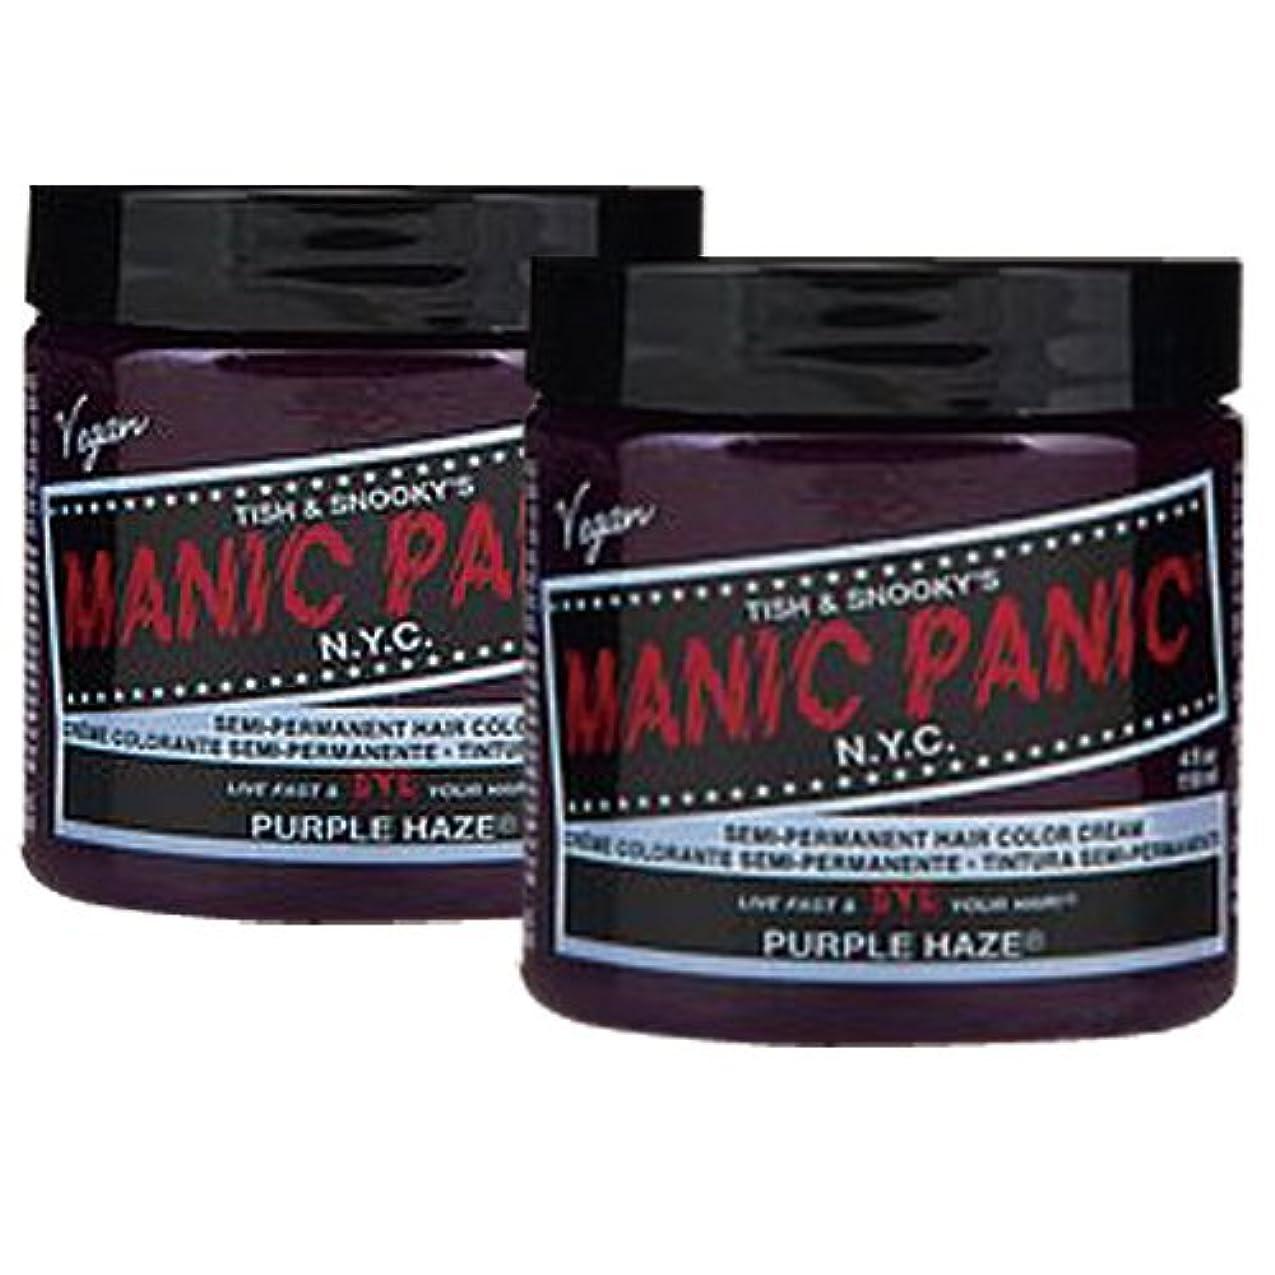 擬人化確かめる置換【2個セット】MANIC PANIC マニックパニック Purple Haze パープルヘイズ 118m